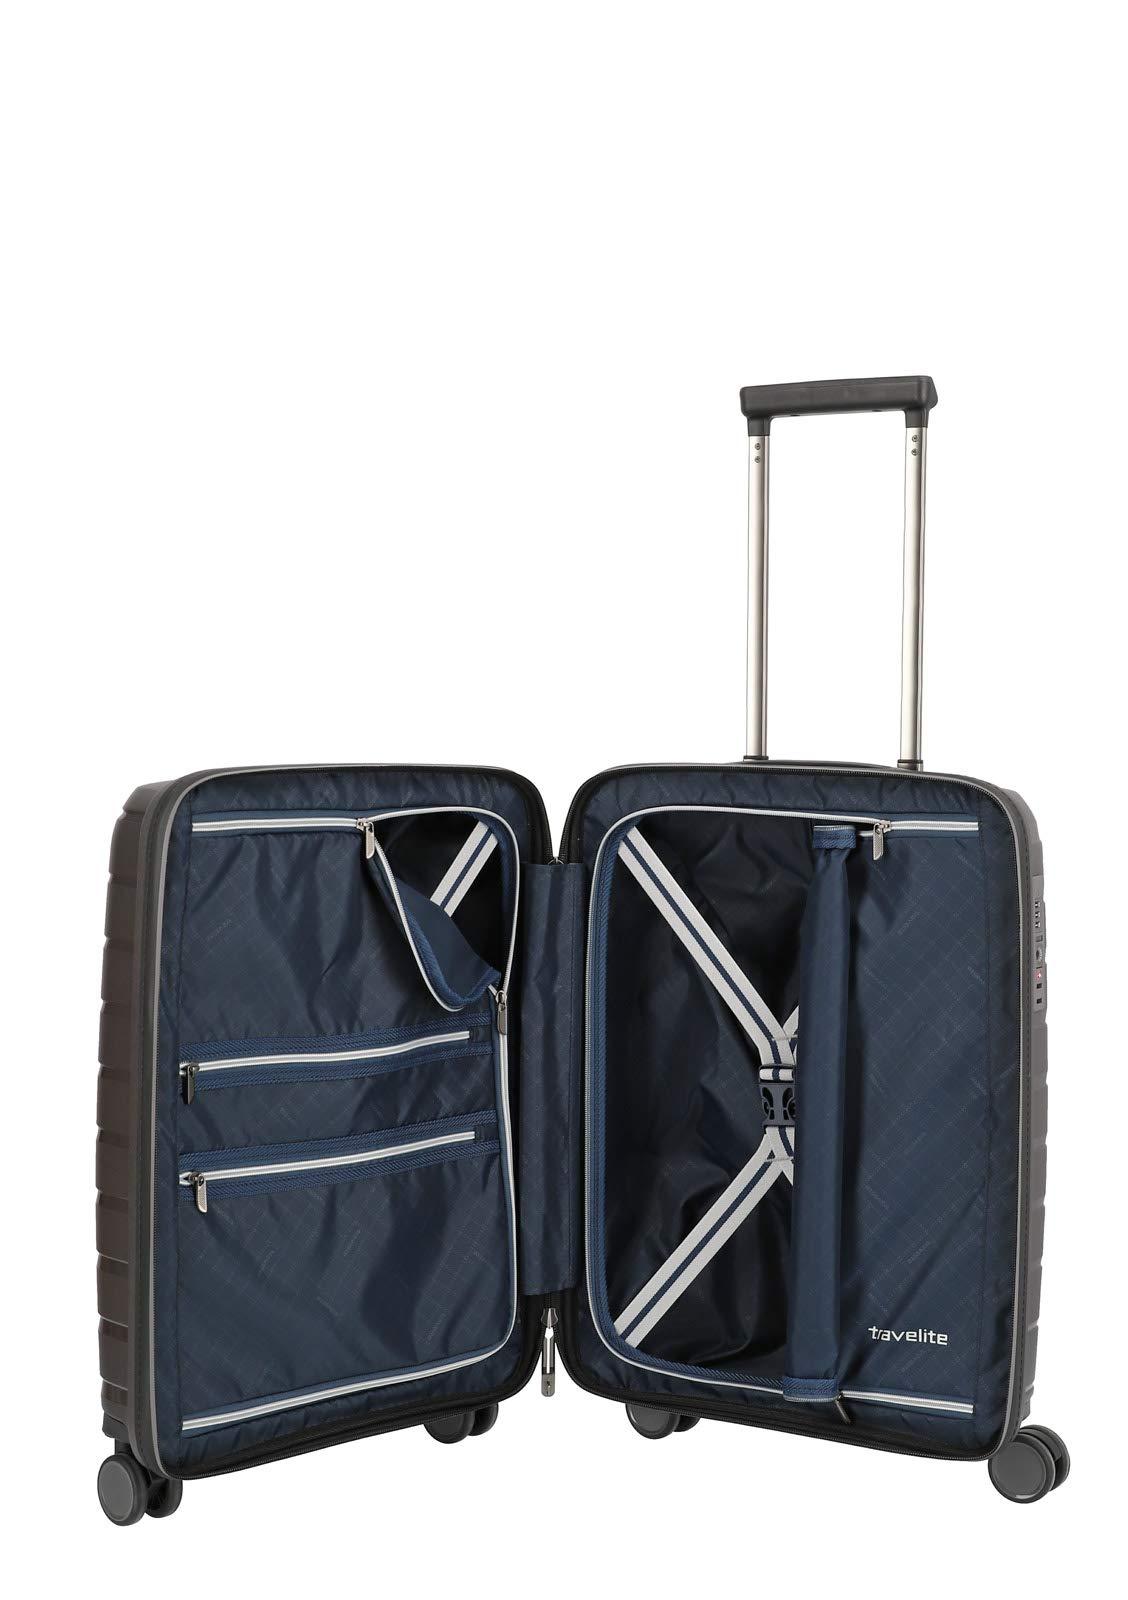 Travelite-Hartschalen-Koffer-Serie